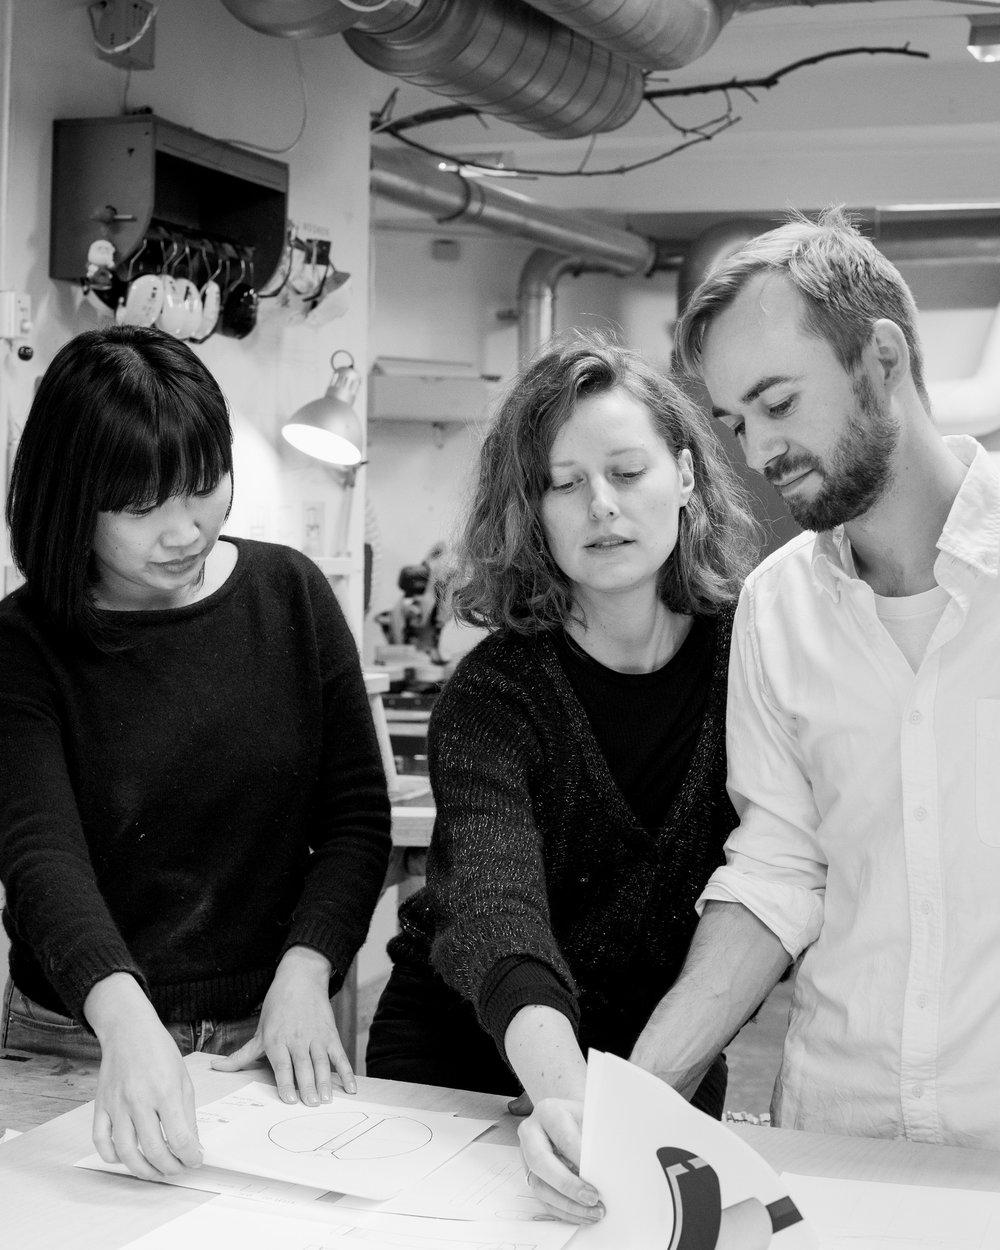 """OVOLO team - """"Ovolo er navnet på en profil, som har været anvendt i klassisk arkitektur og møbelsnedkeri. Kombinationen af det klassiske håndværk og tidløs formgivning er kernen i vores virke"""""""